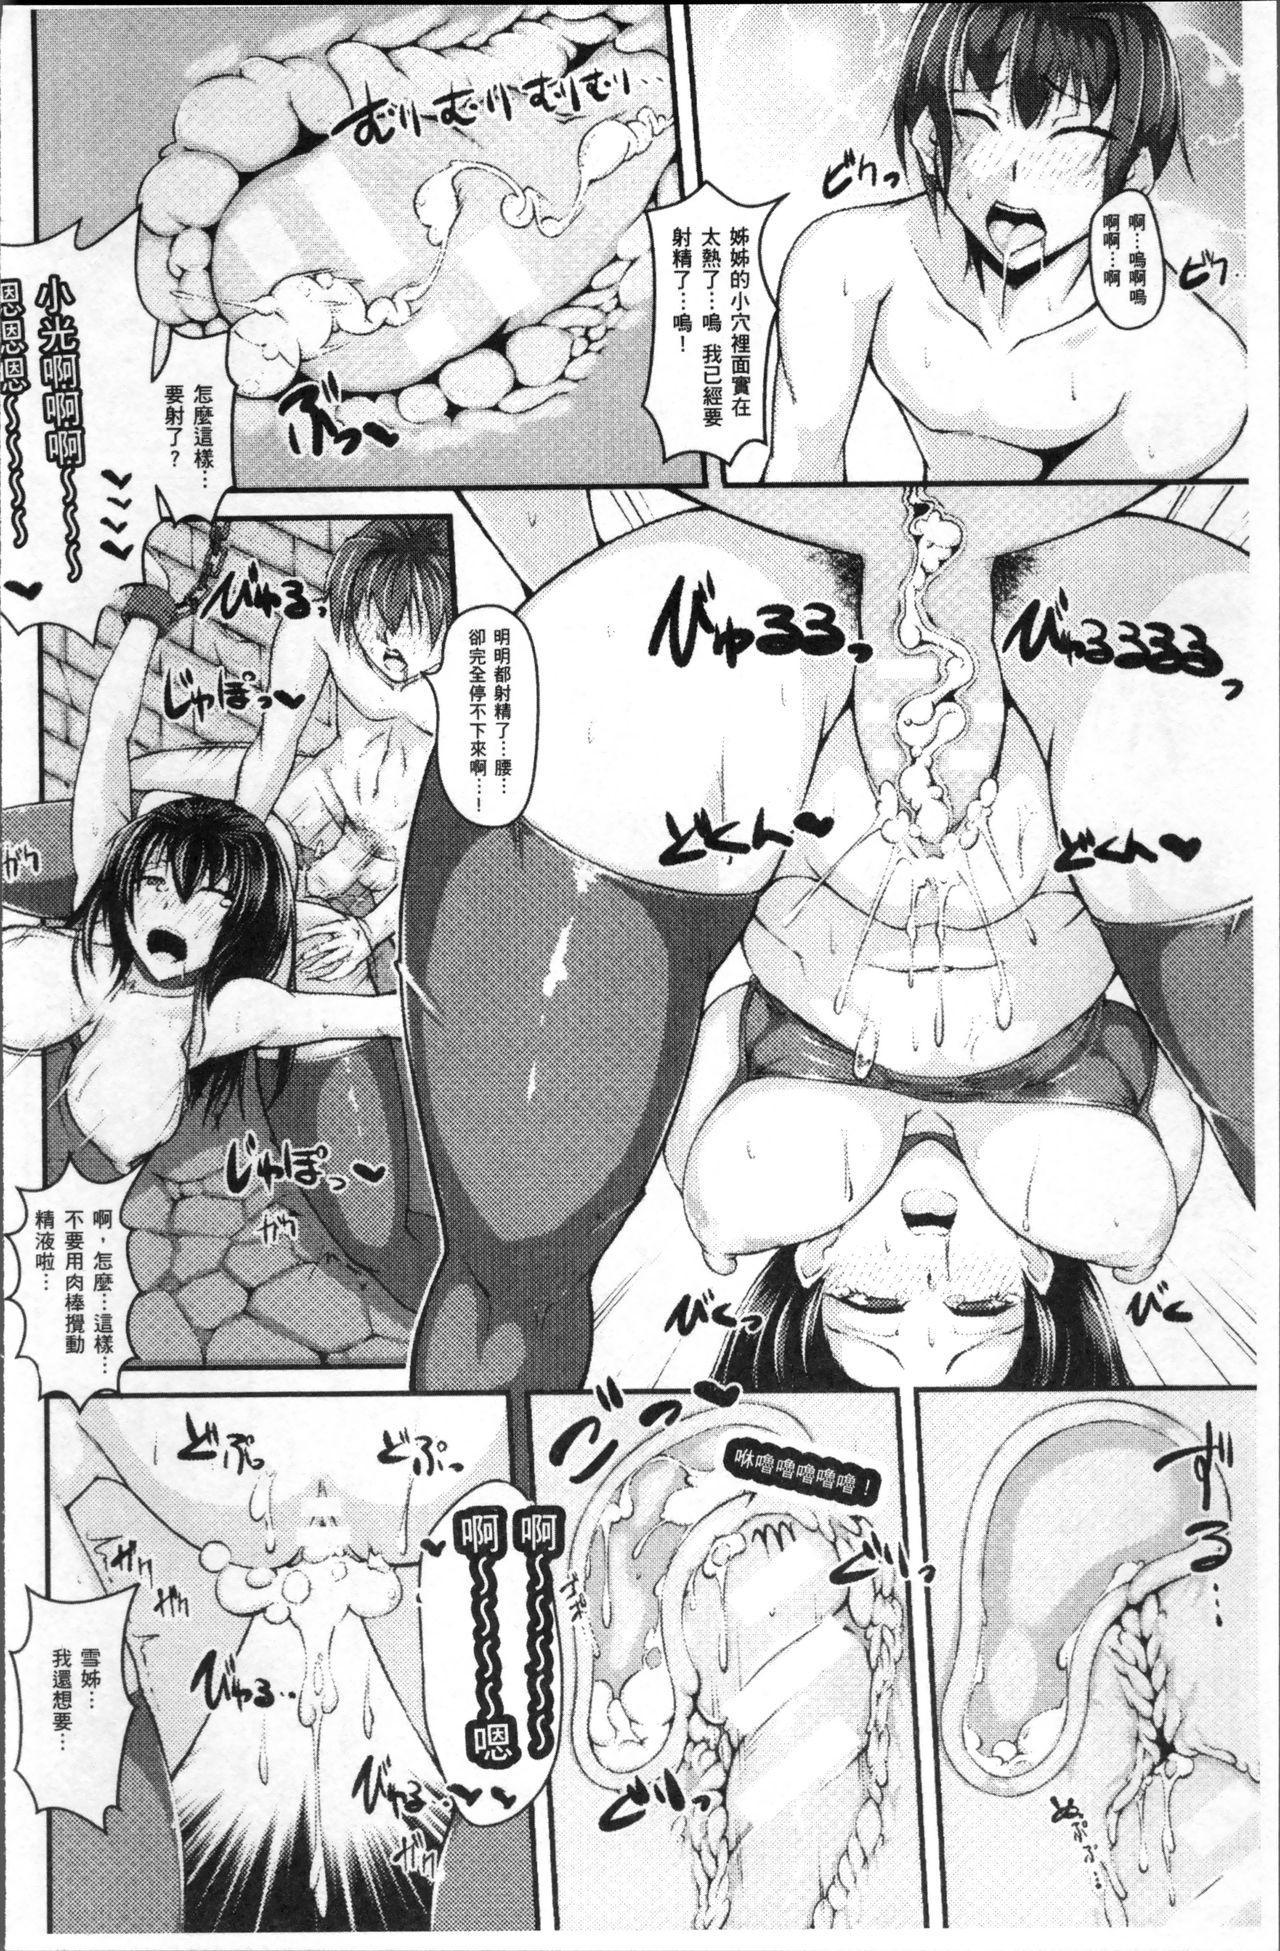 Bessatsu Comic Unreal Ningen Bokujou Hen 4 139